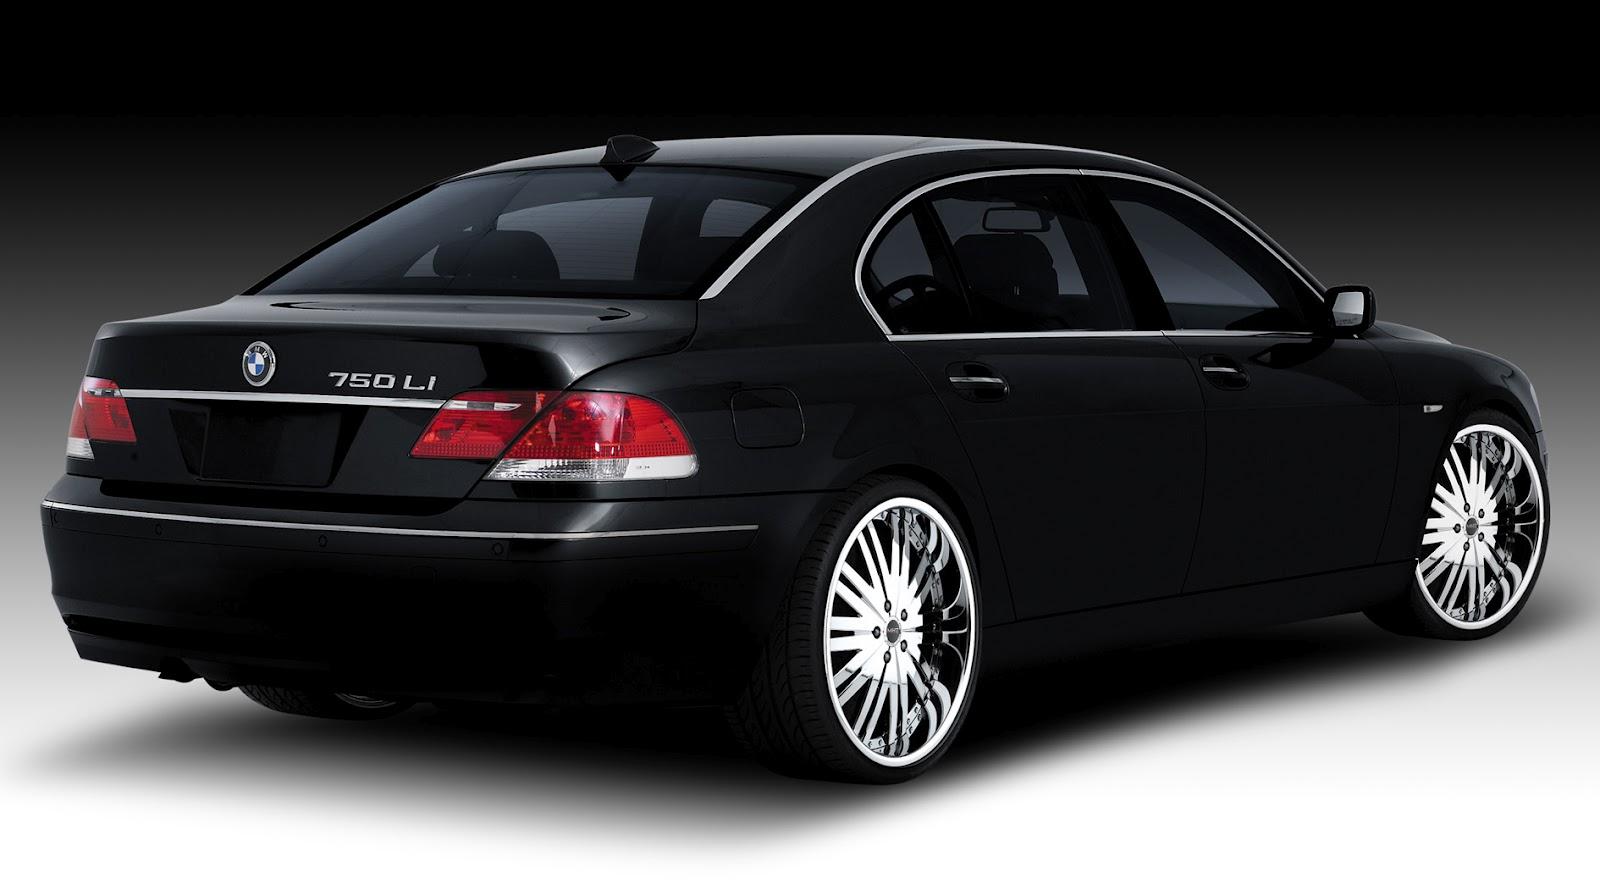 http://1.bp.blogspot.com/-JGC8Fm1msSE/T92Isbkc4SI/AAAAAAAAAEk/4PajAniwLoc/s1600/BMW-7-Series-black.jpg